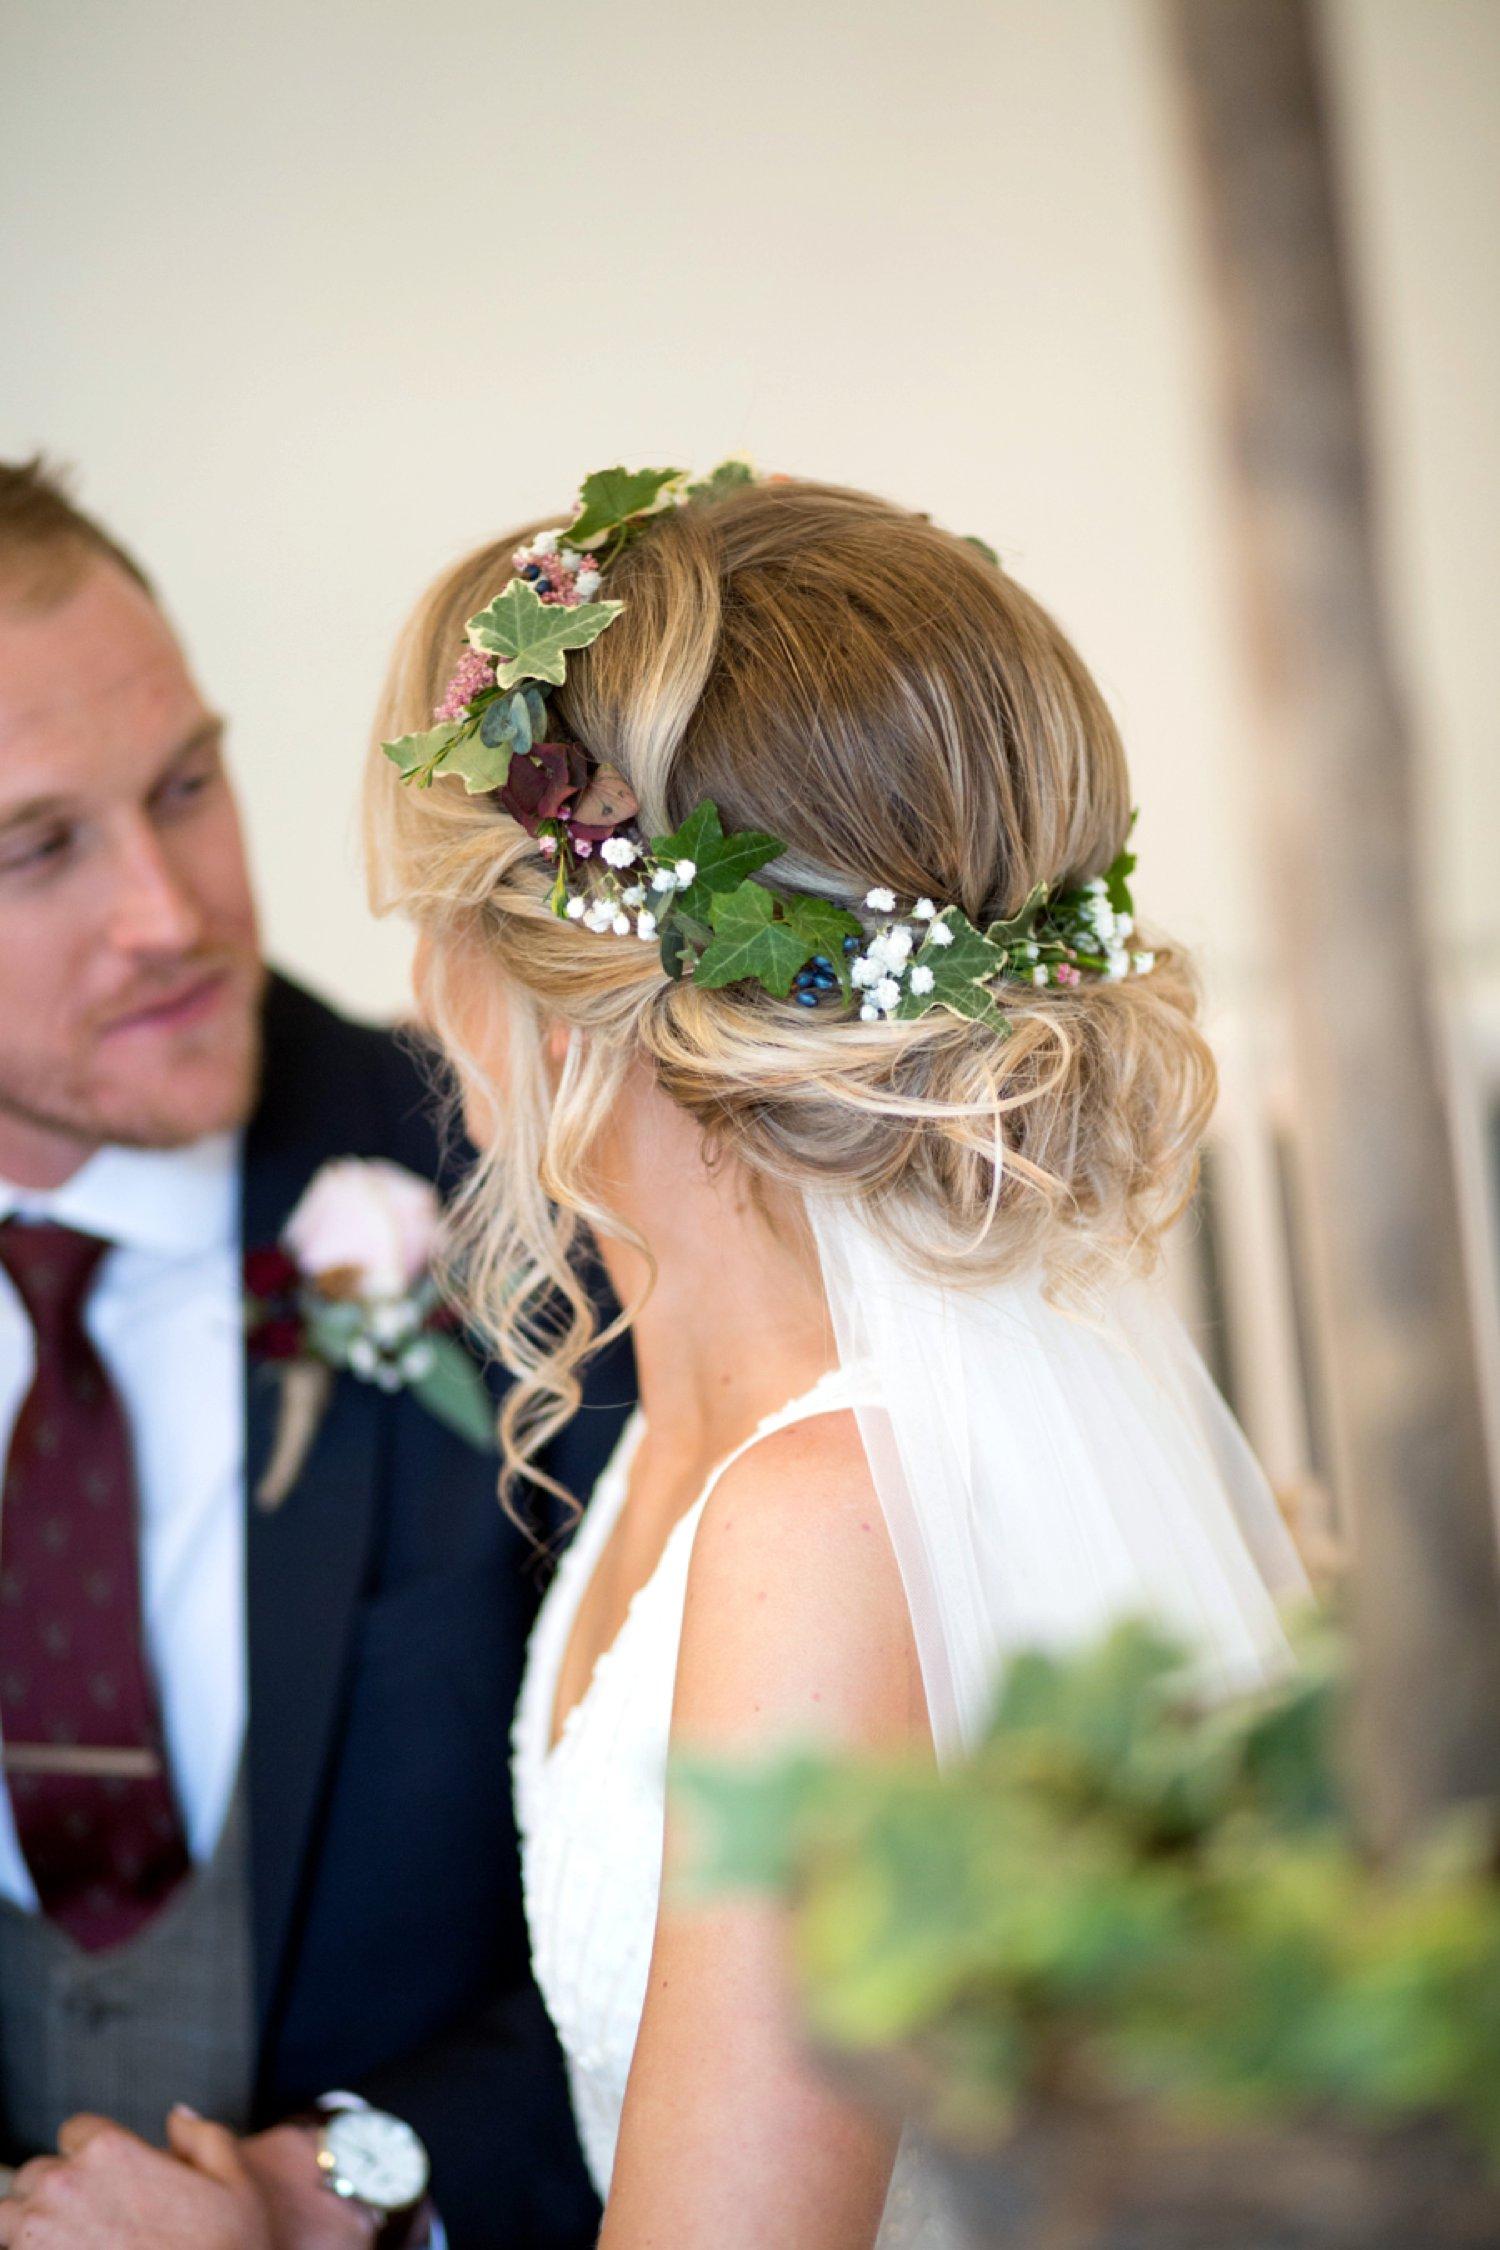 brides flower crown